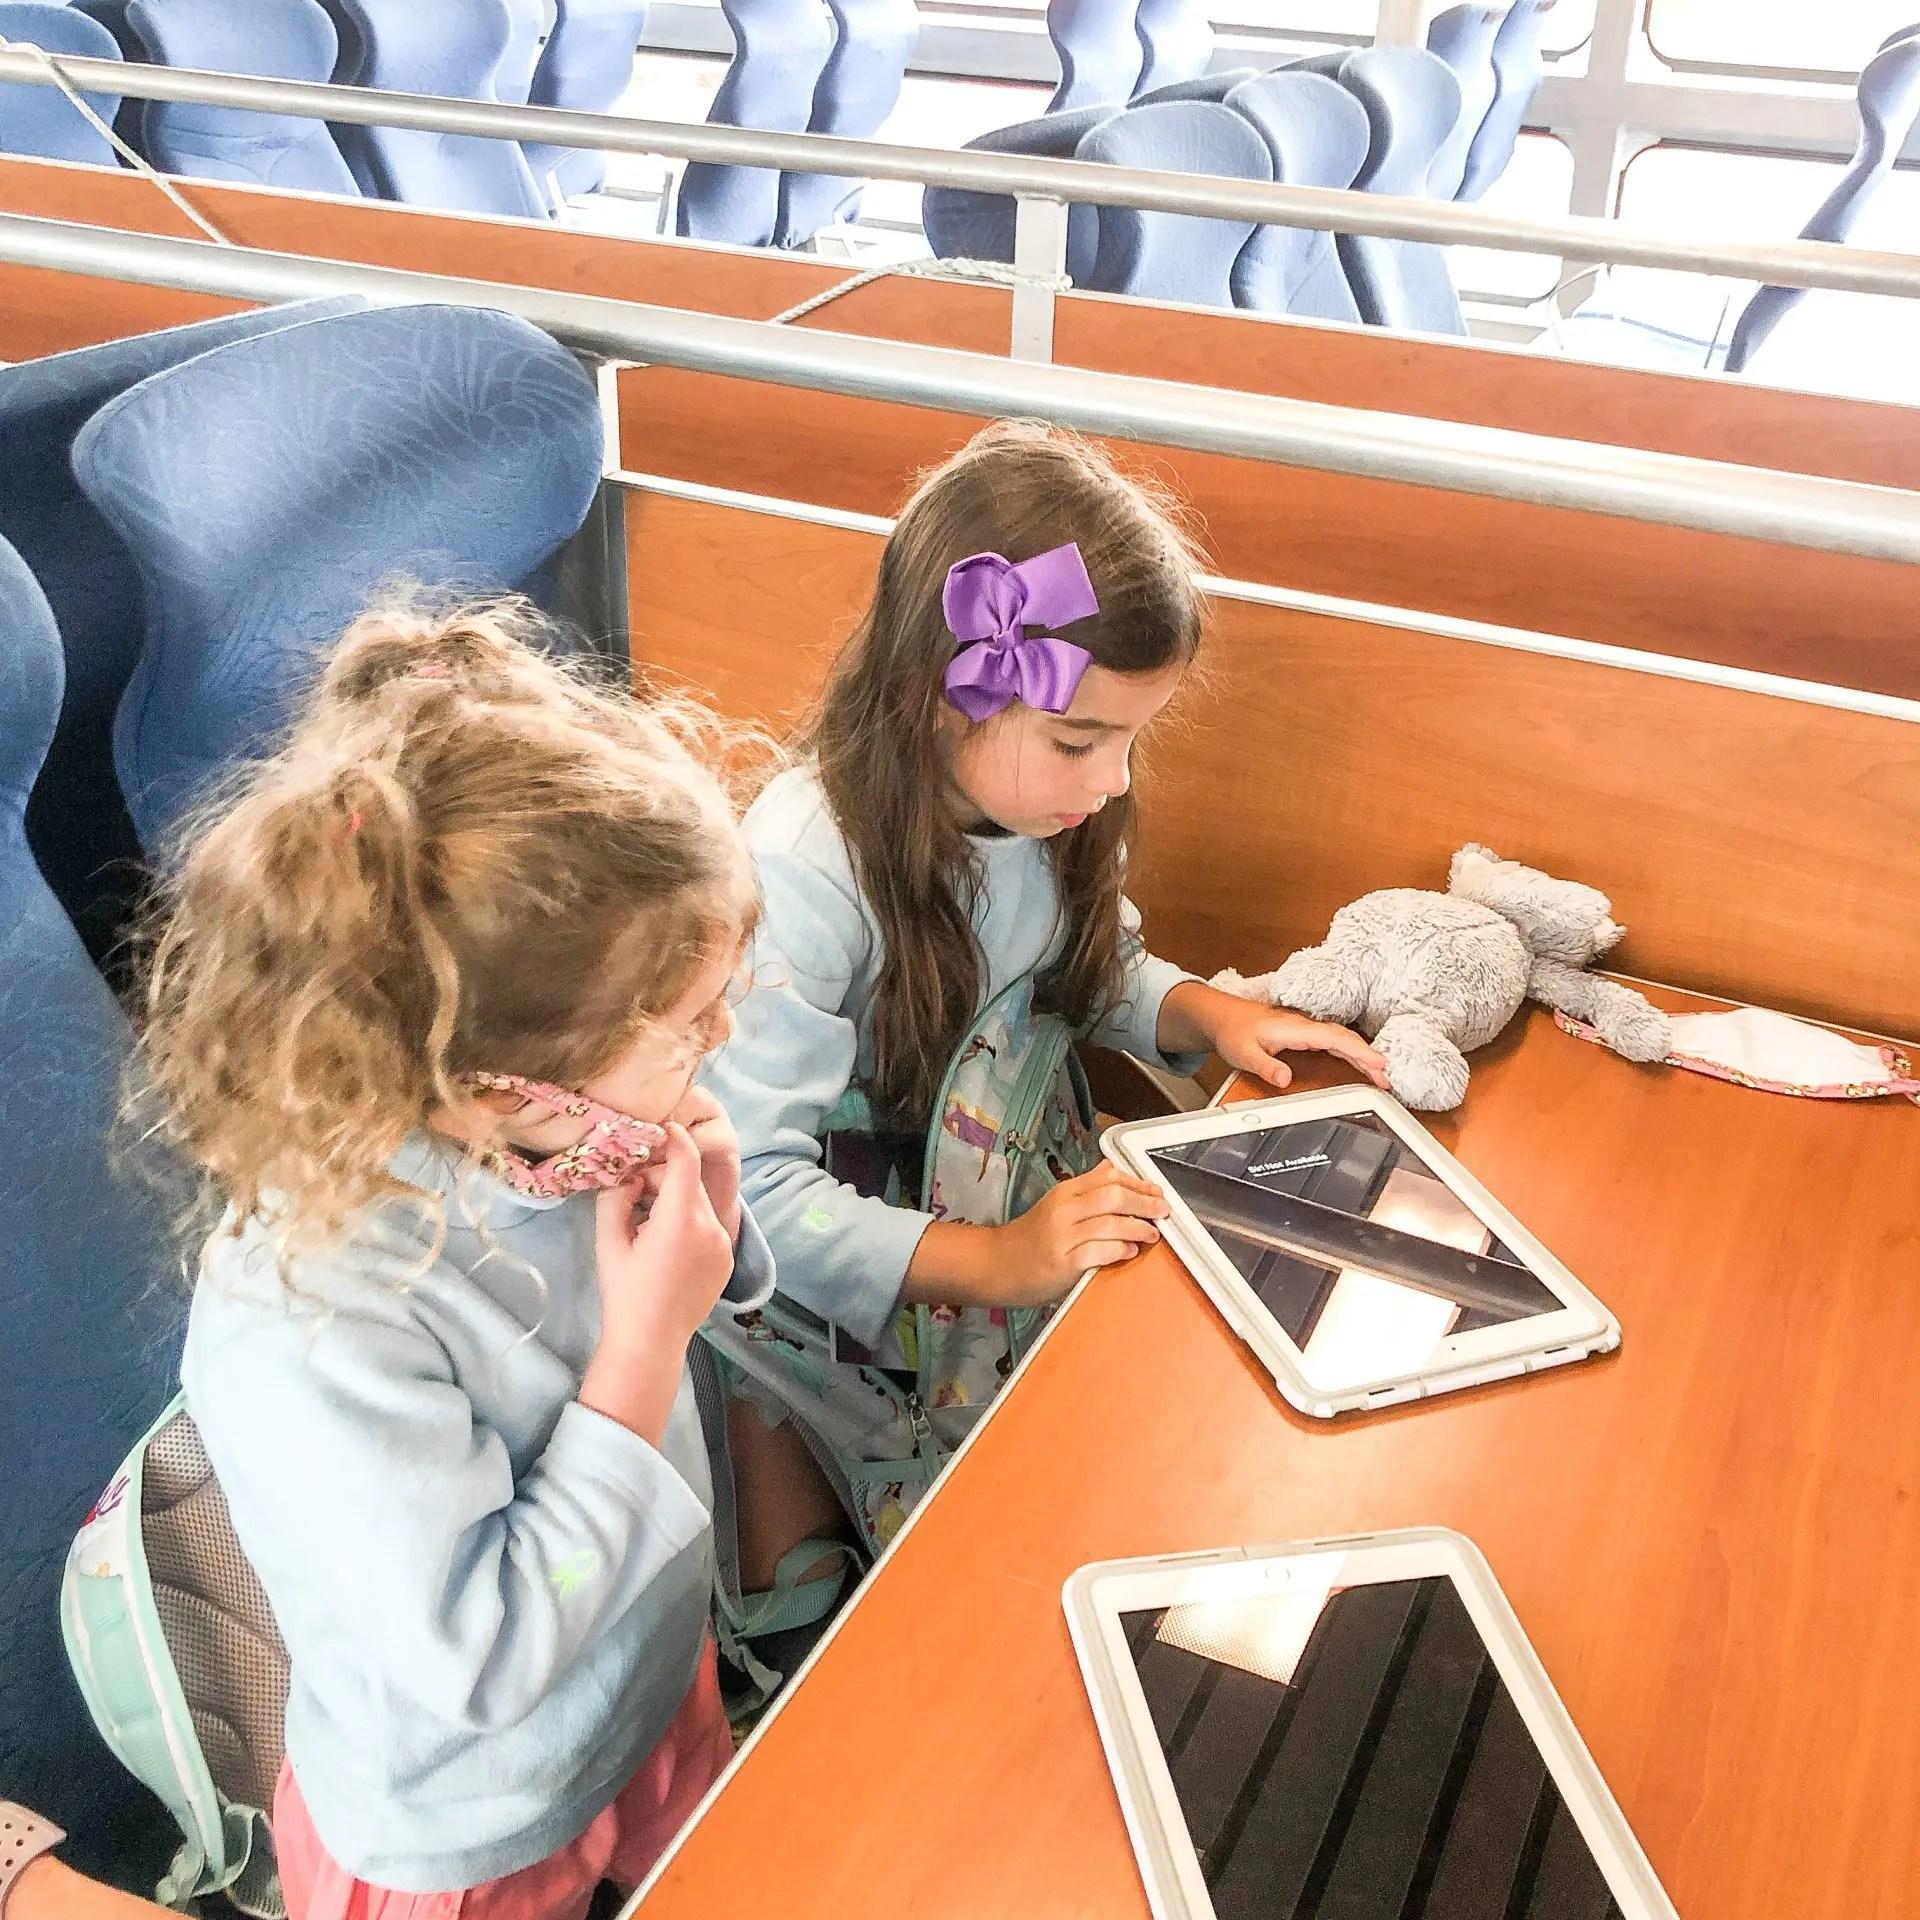 little girls on Seastreak ferry with ipads